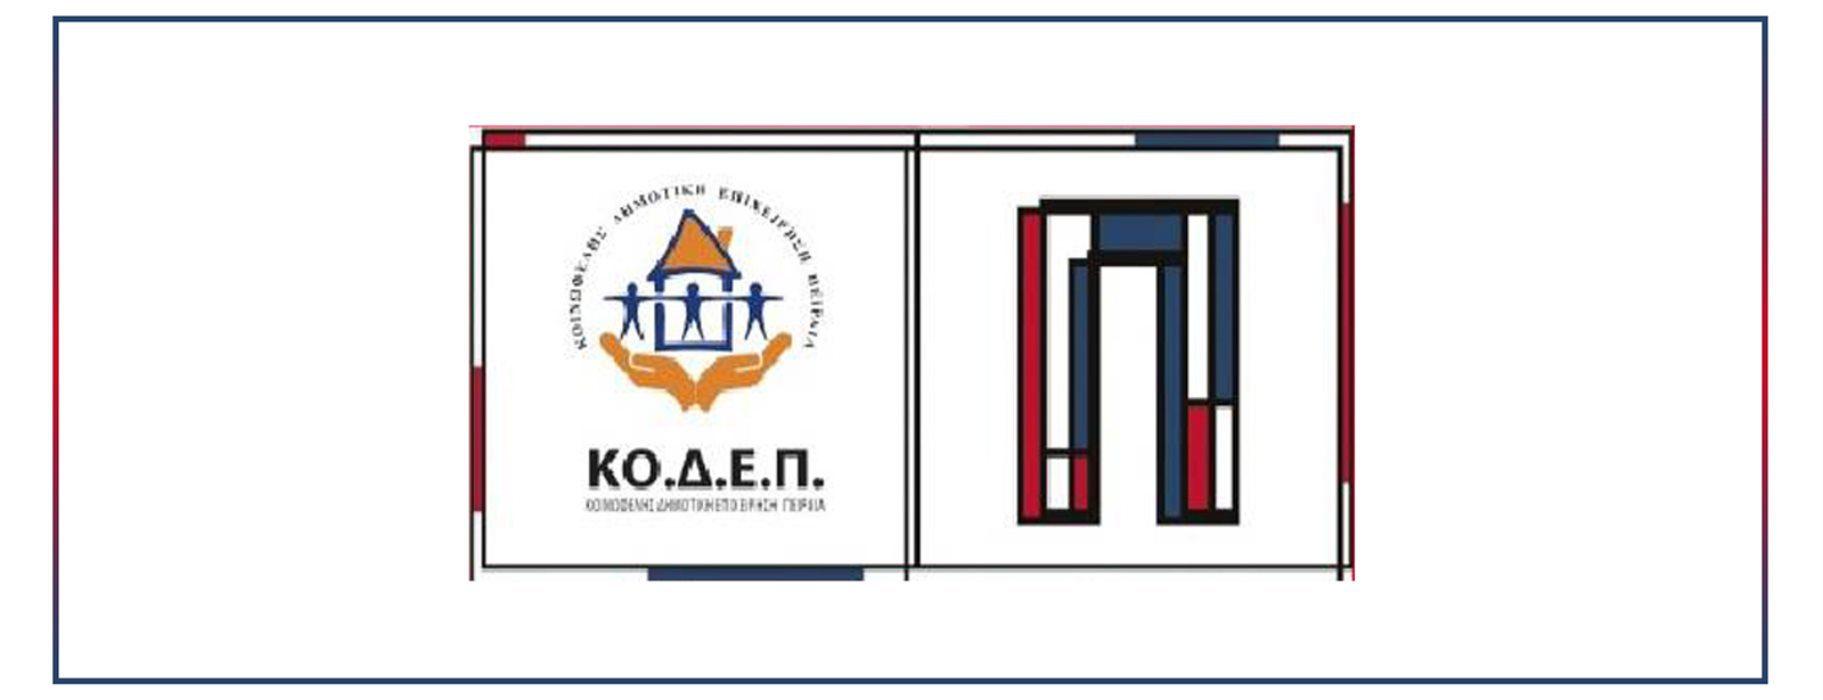 Δίκτυο Πρόληψης και Άμεσης Κοινωνικής Παρέμβασης στον Δήμο Πειραιά